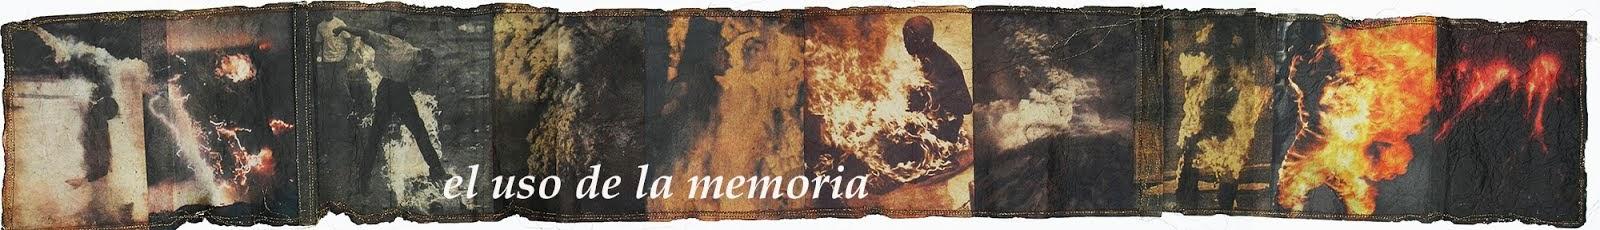 Carla Rippey: El uso de la memoria